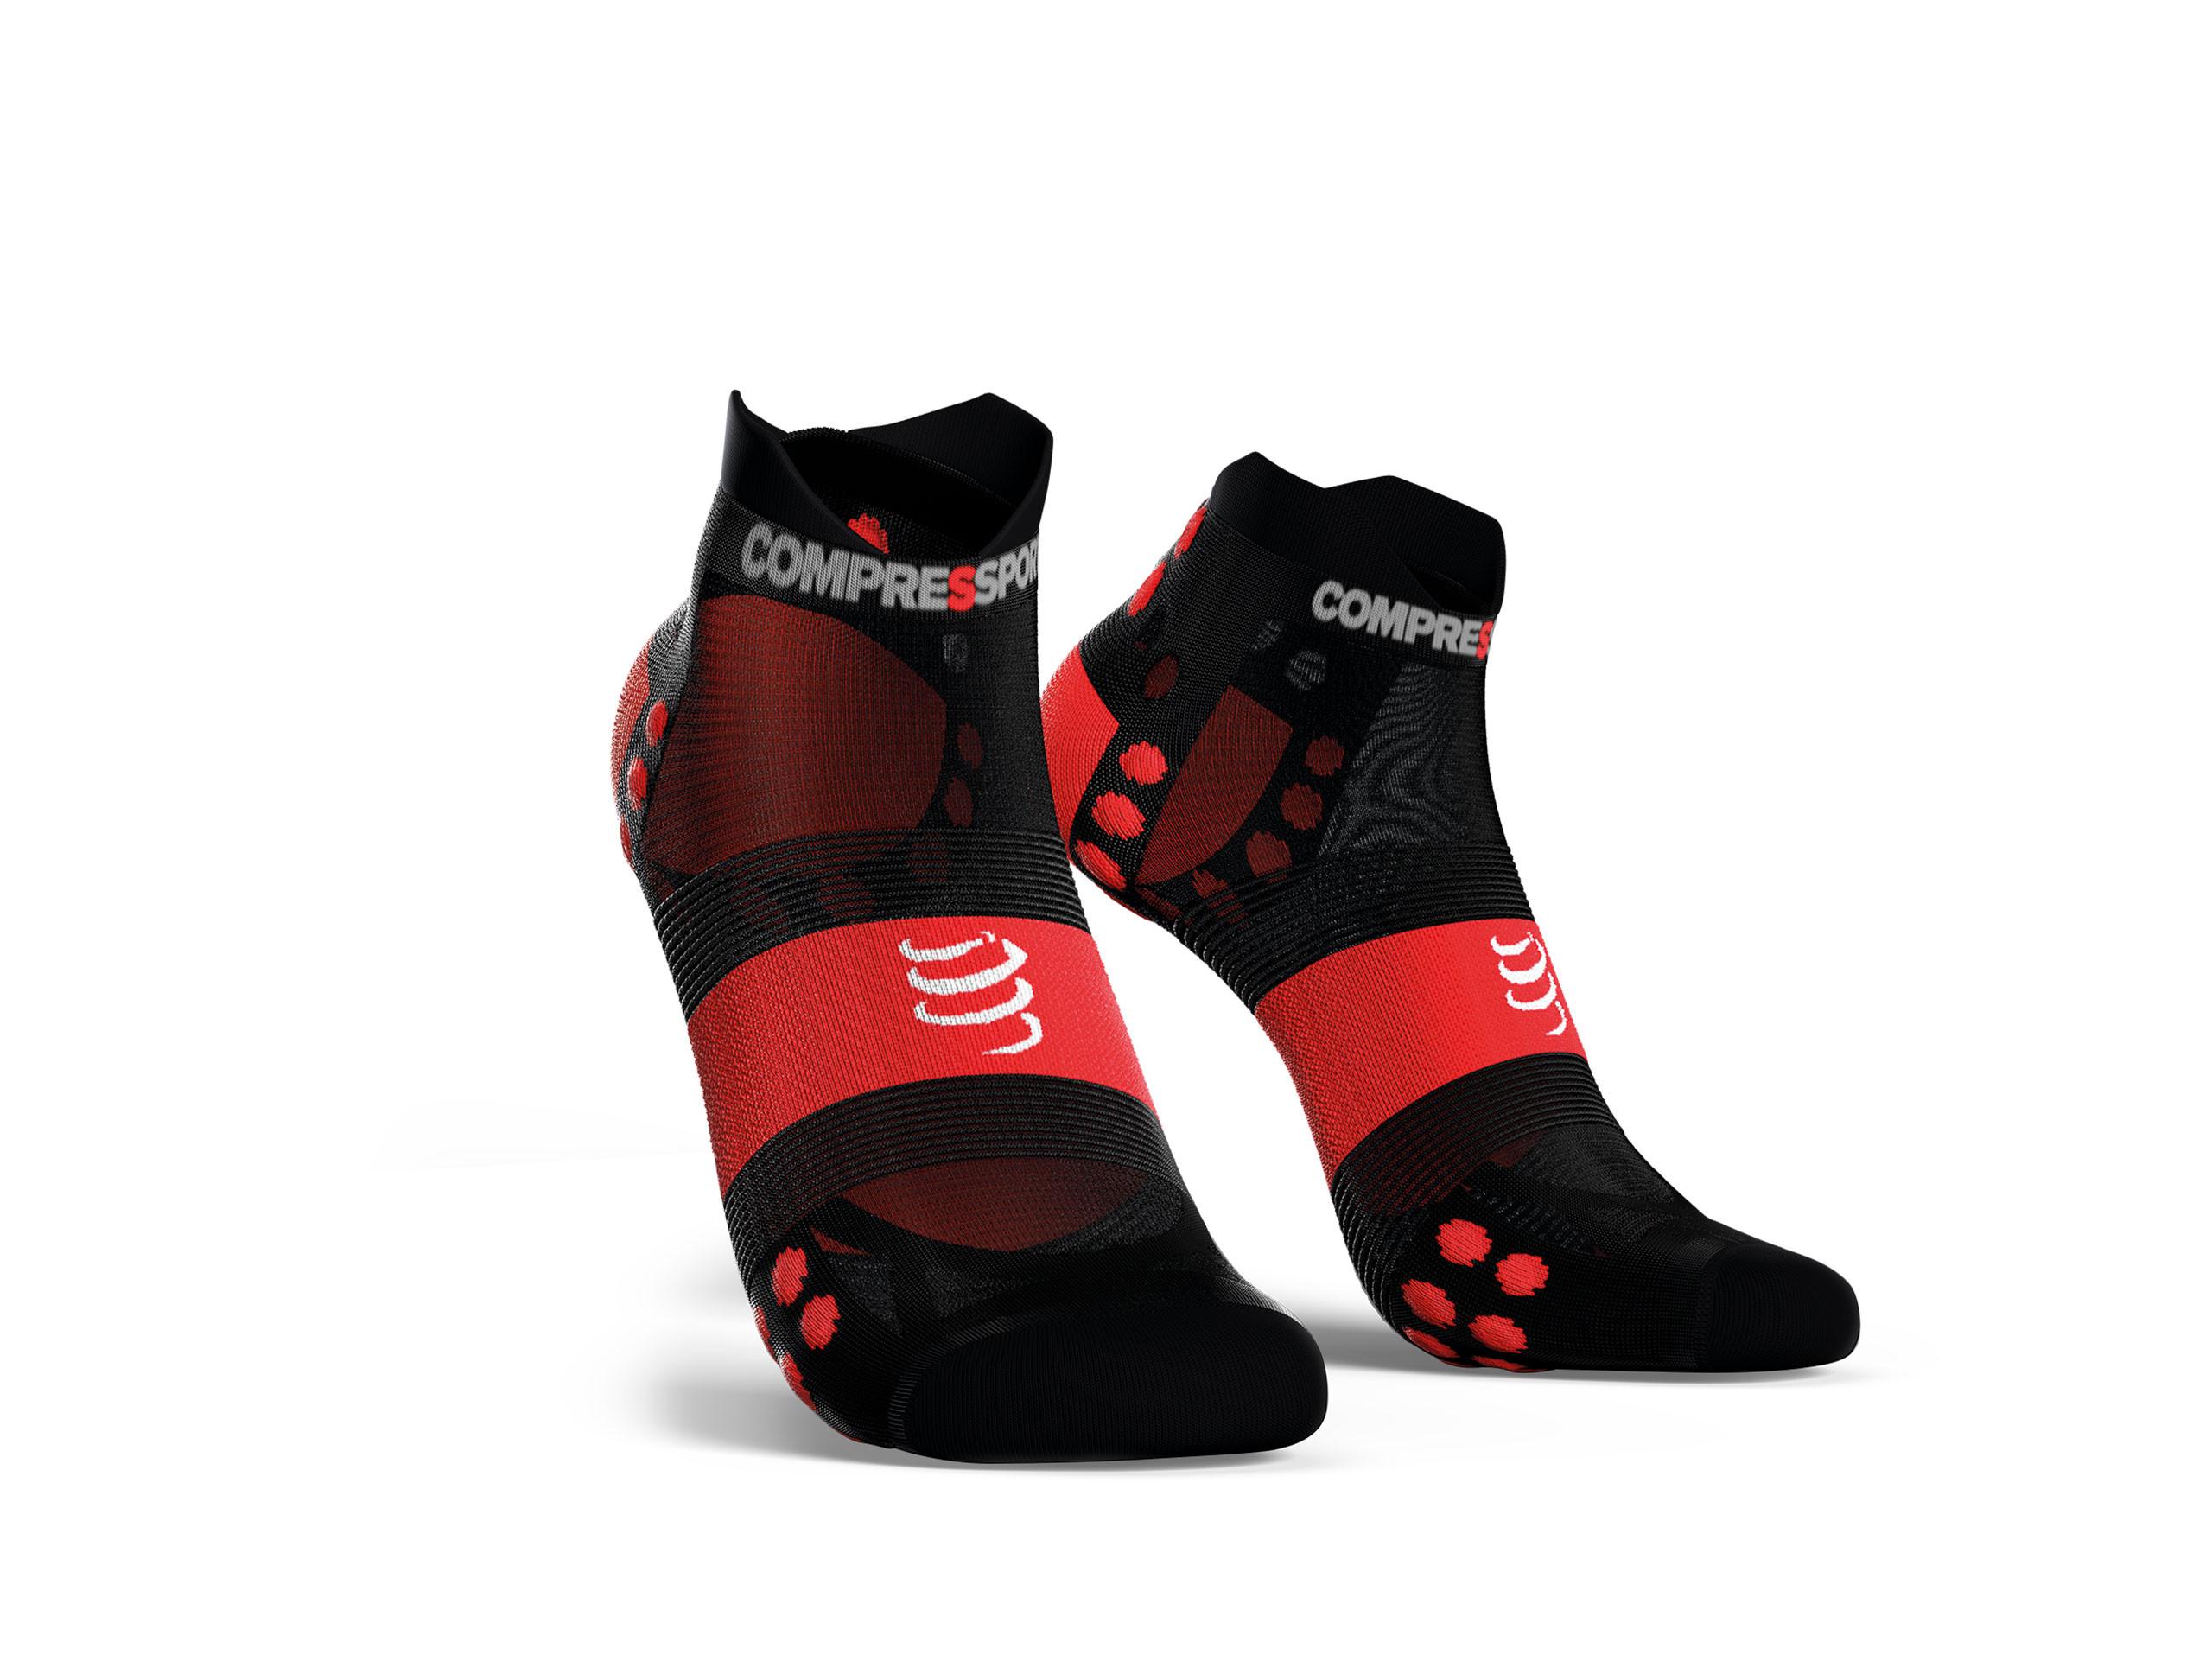 Pro Racing Socks v3.0 Run Ultralight Run Low schwarz/rot